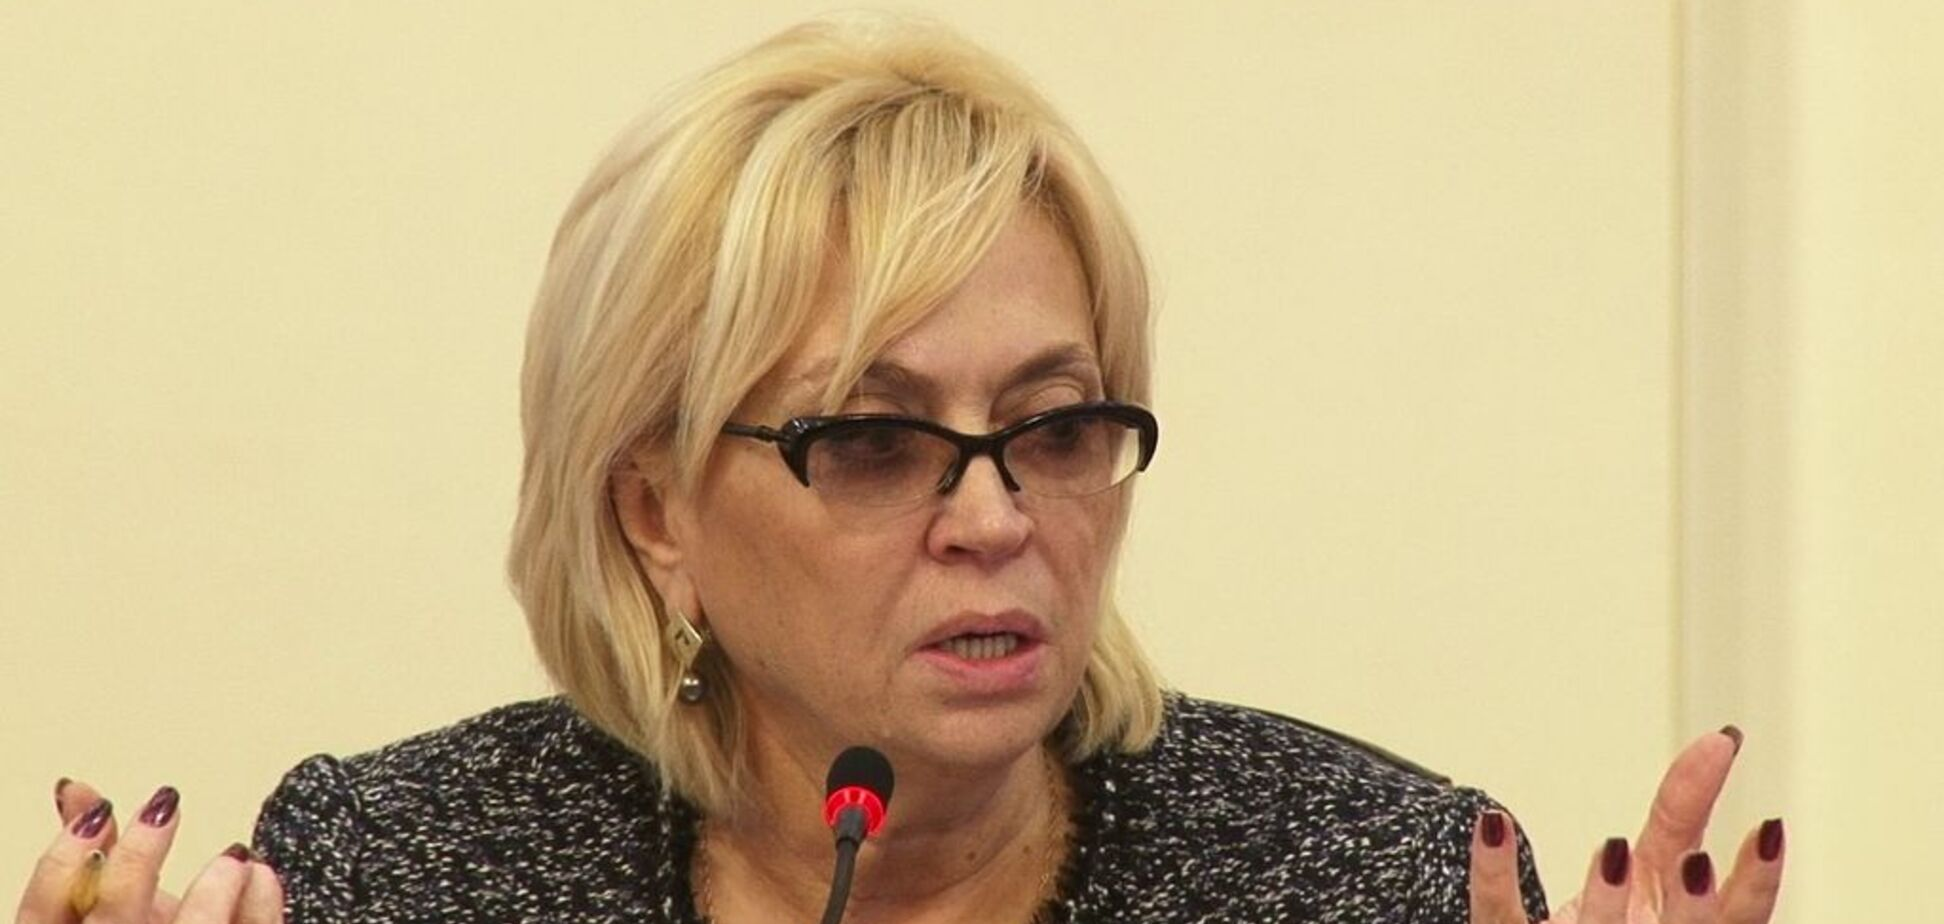 Витягли з господарської сумки: у Києві обікрали народного депутата